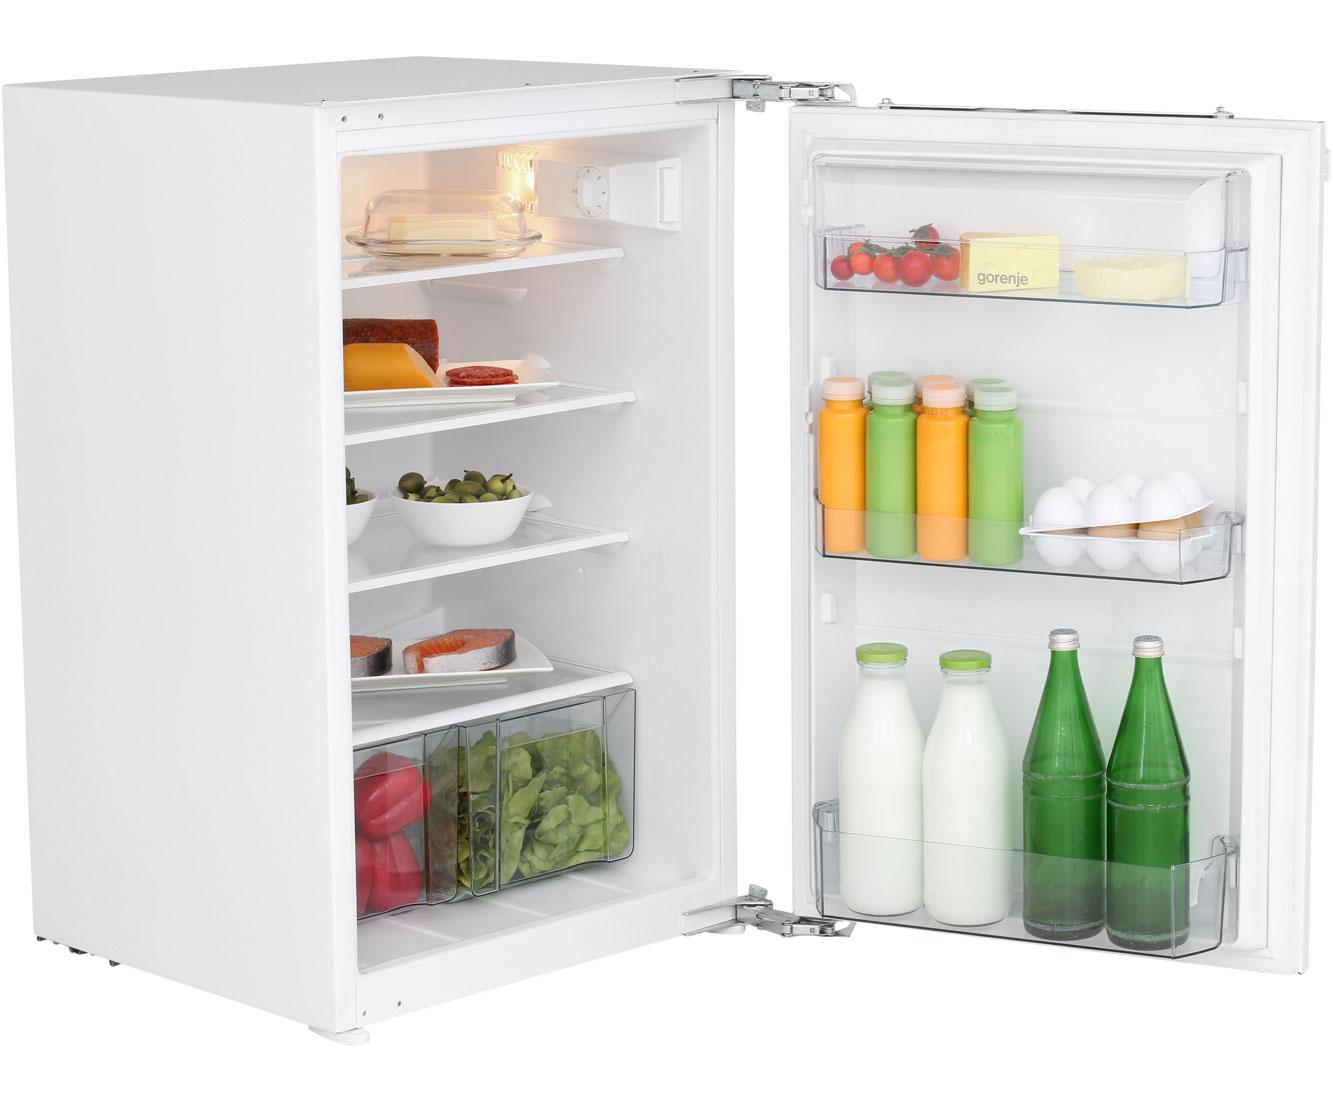 Gorenje Kühlschrank Champagne : Rabatt preisvergleich.de kühlen & gefrieren u003e kühlschränke